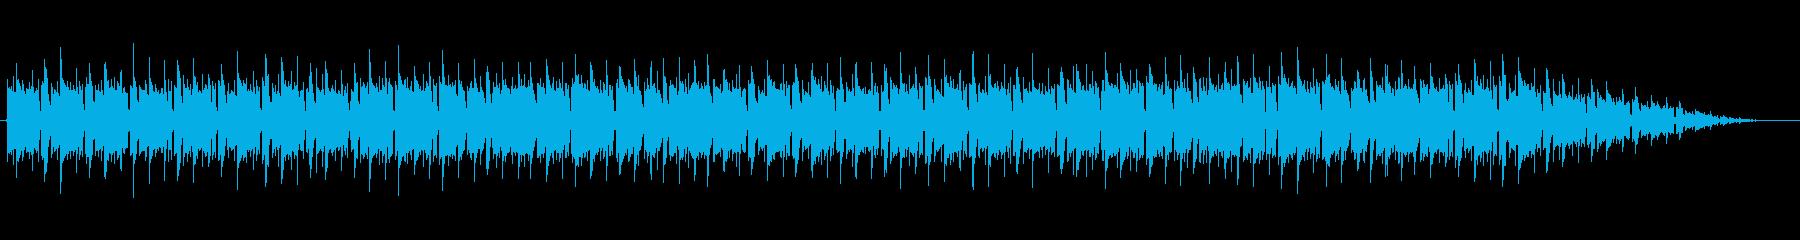 バトル チップチューン風 ローファイの再生済みの波形